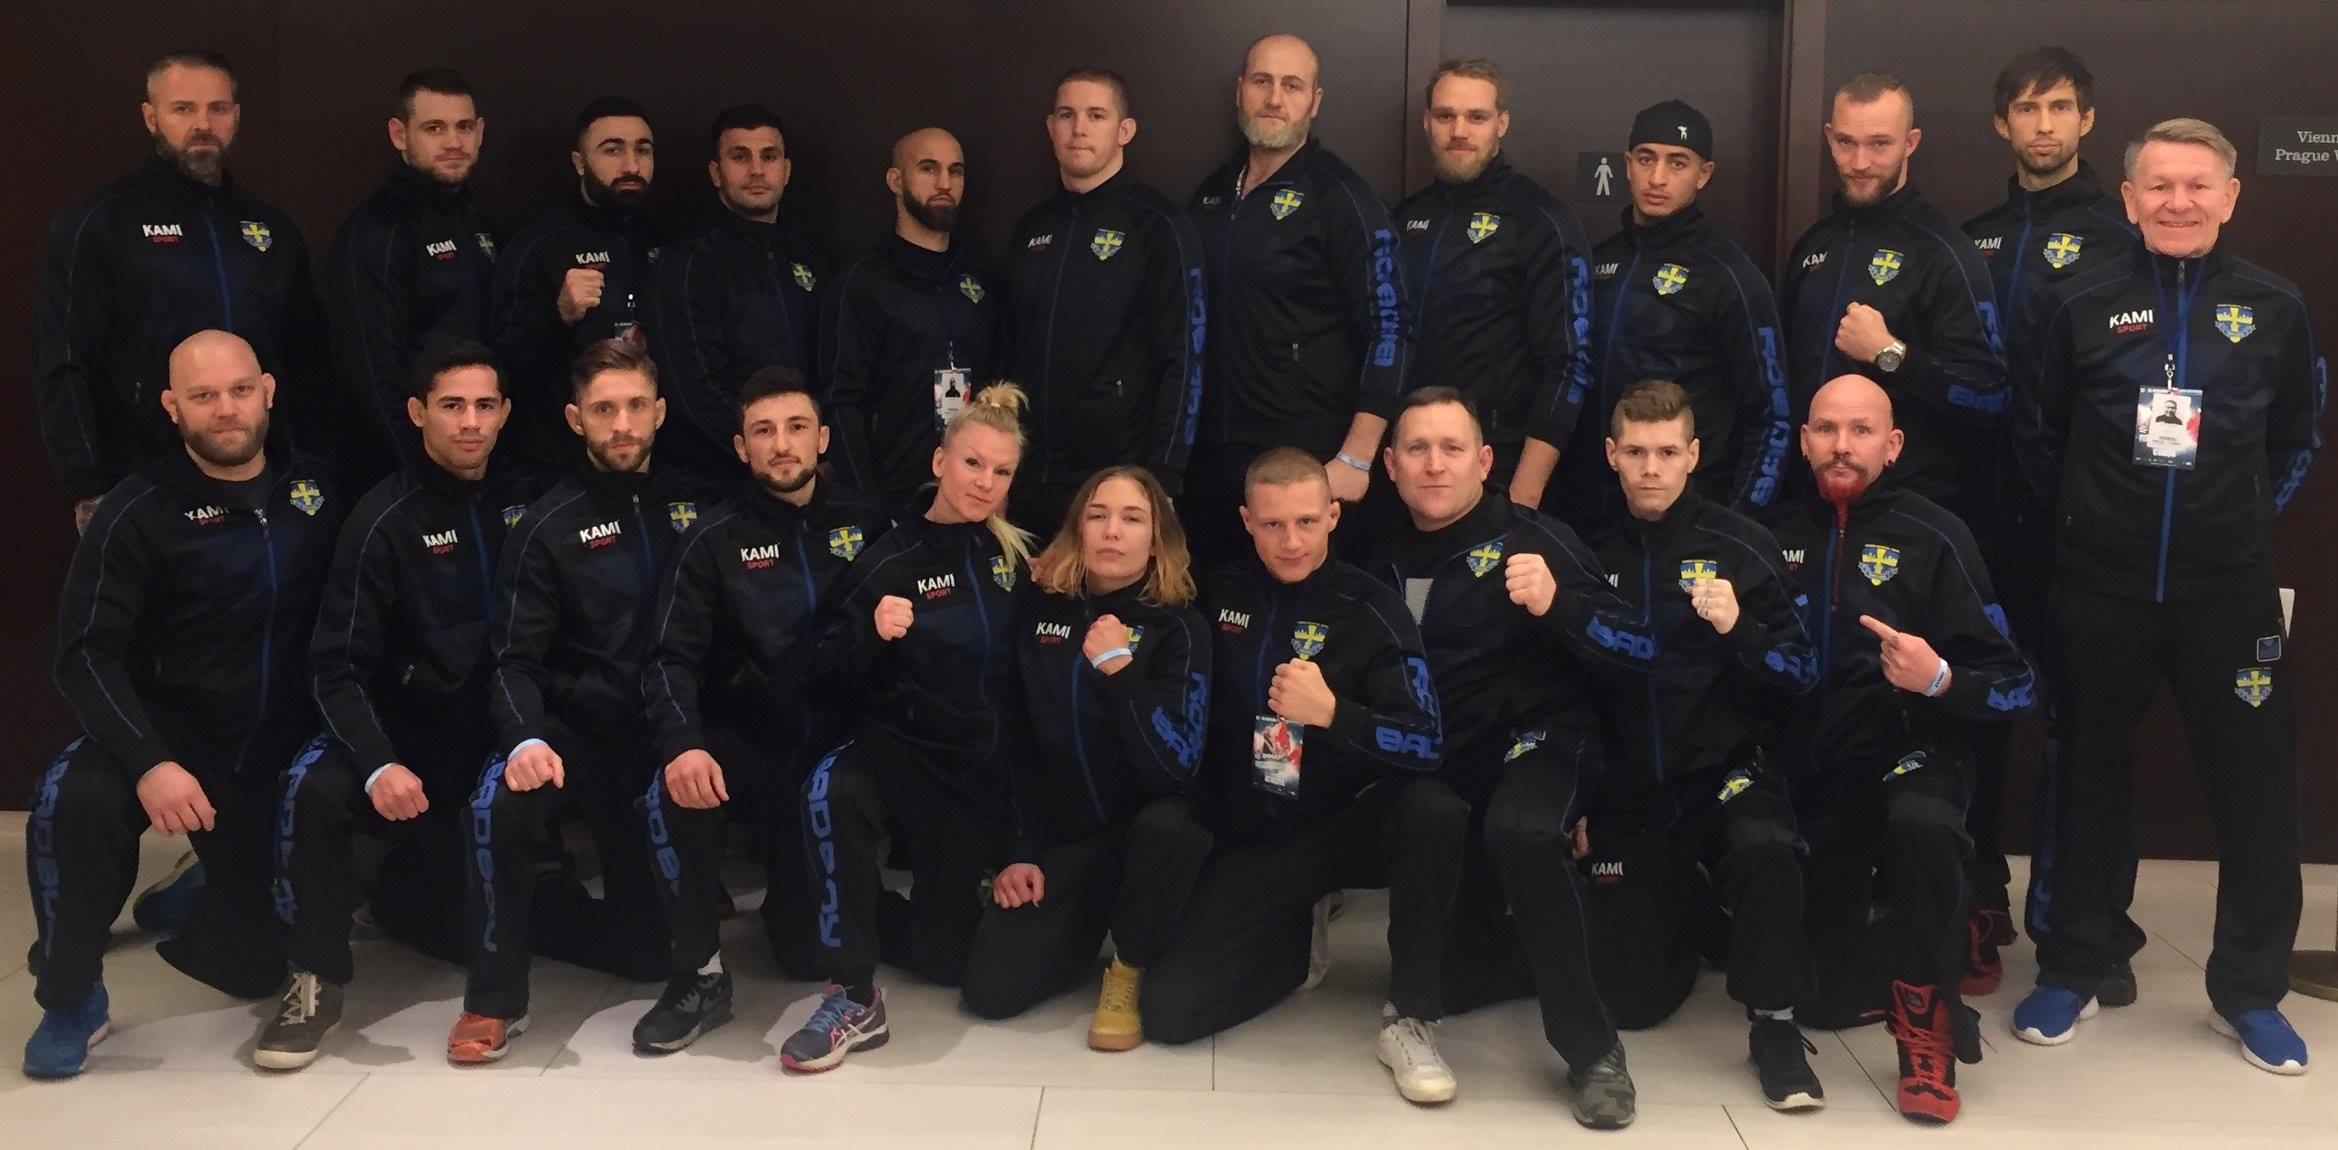 Guldregn för Sverige i MMA EM